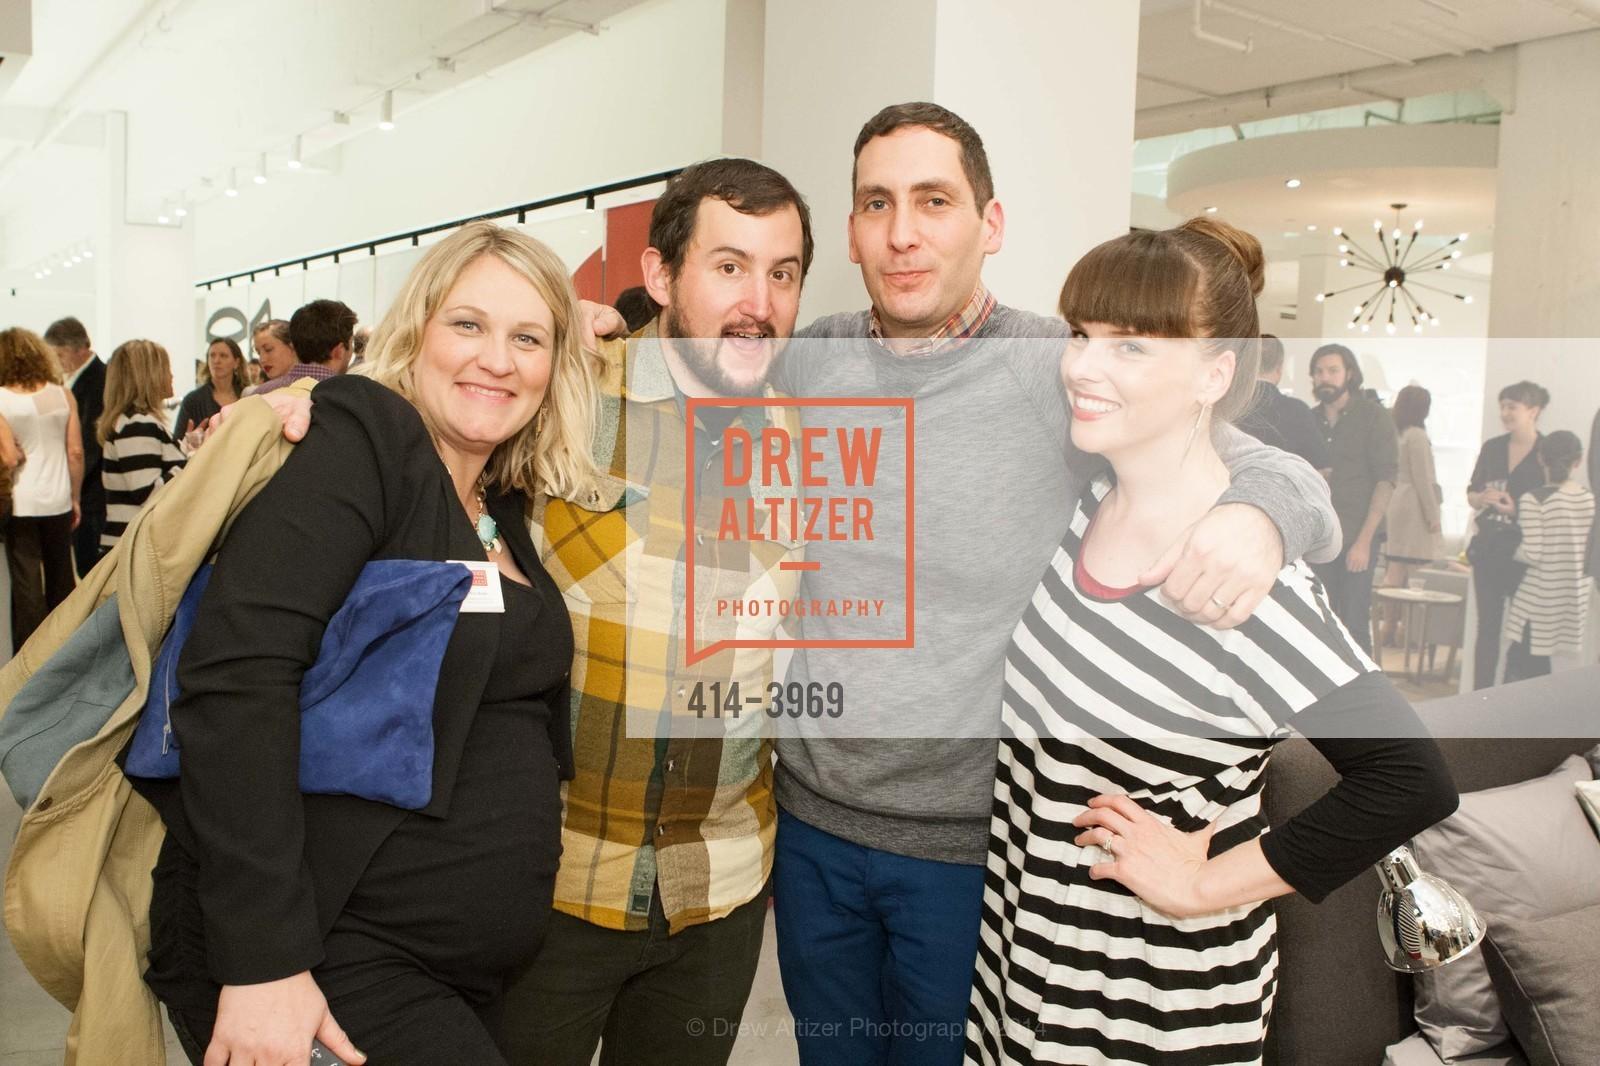 Erin Brown, Matt Valerio, Eric Steuer, Erin Steuer, Photo #414-3969